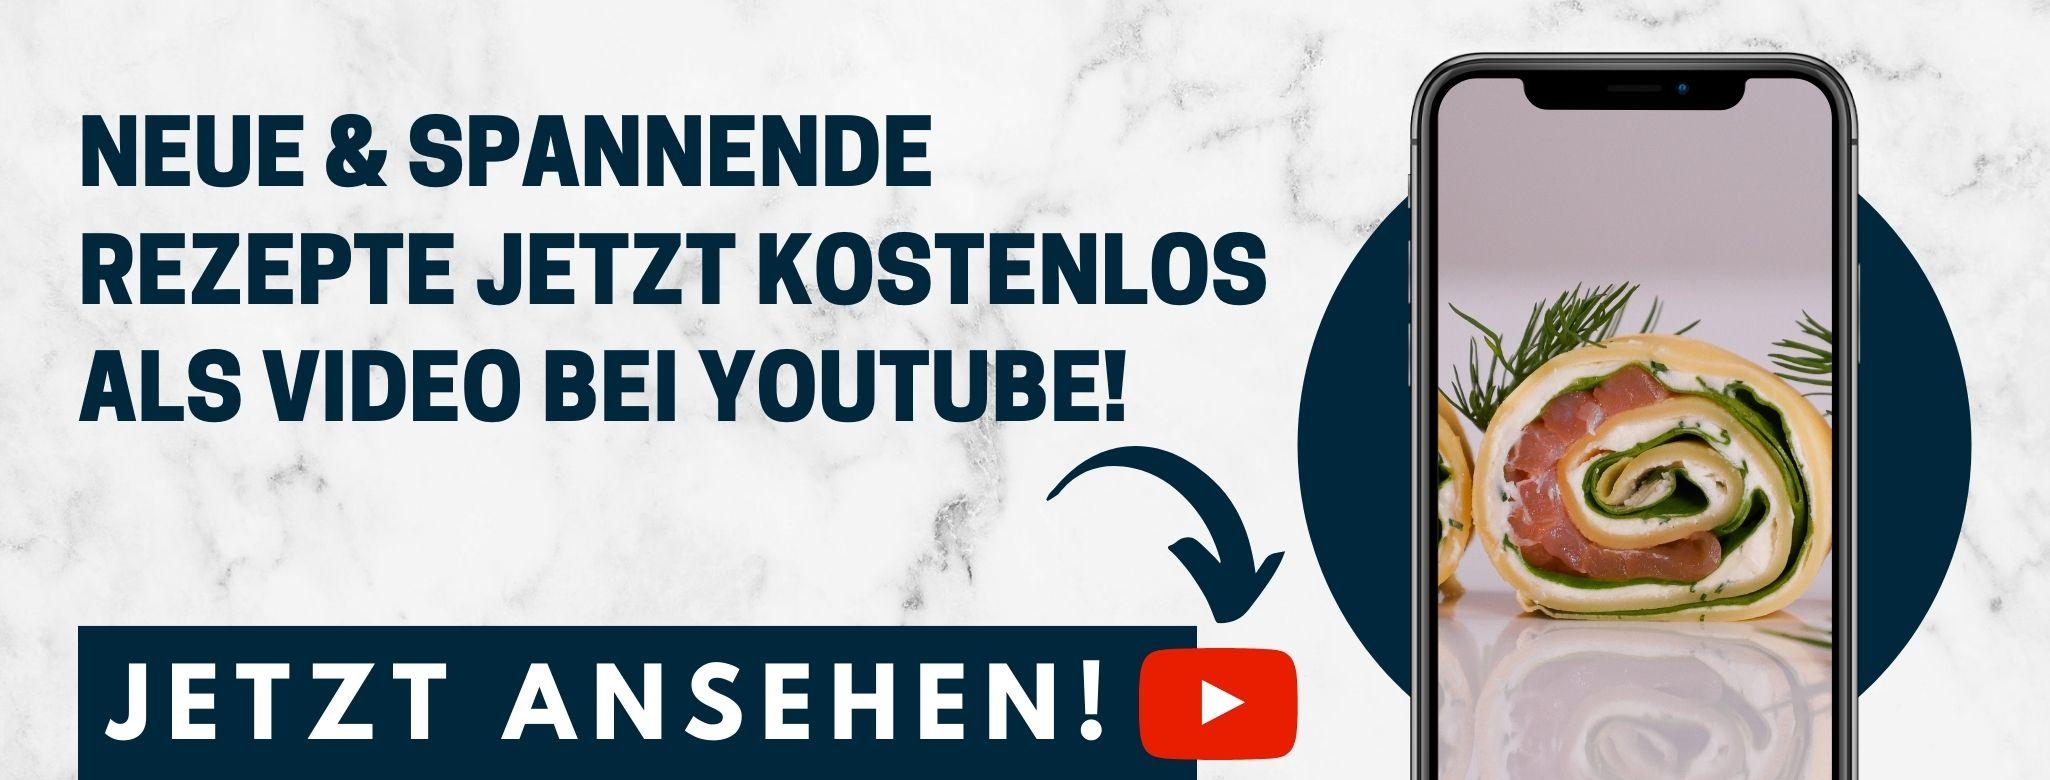 Mehr Genuss auf Youtube (2)